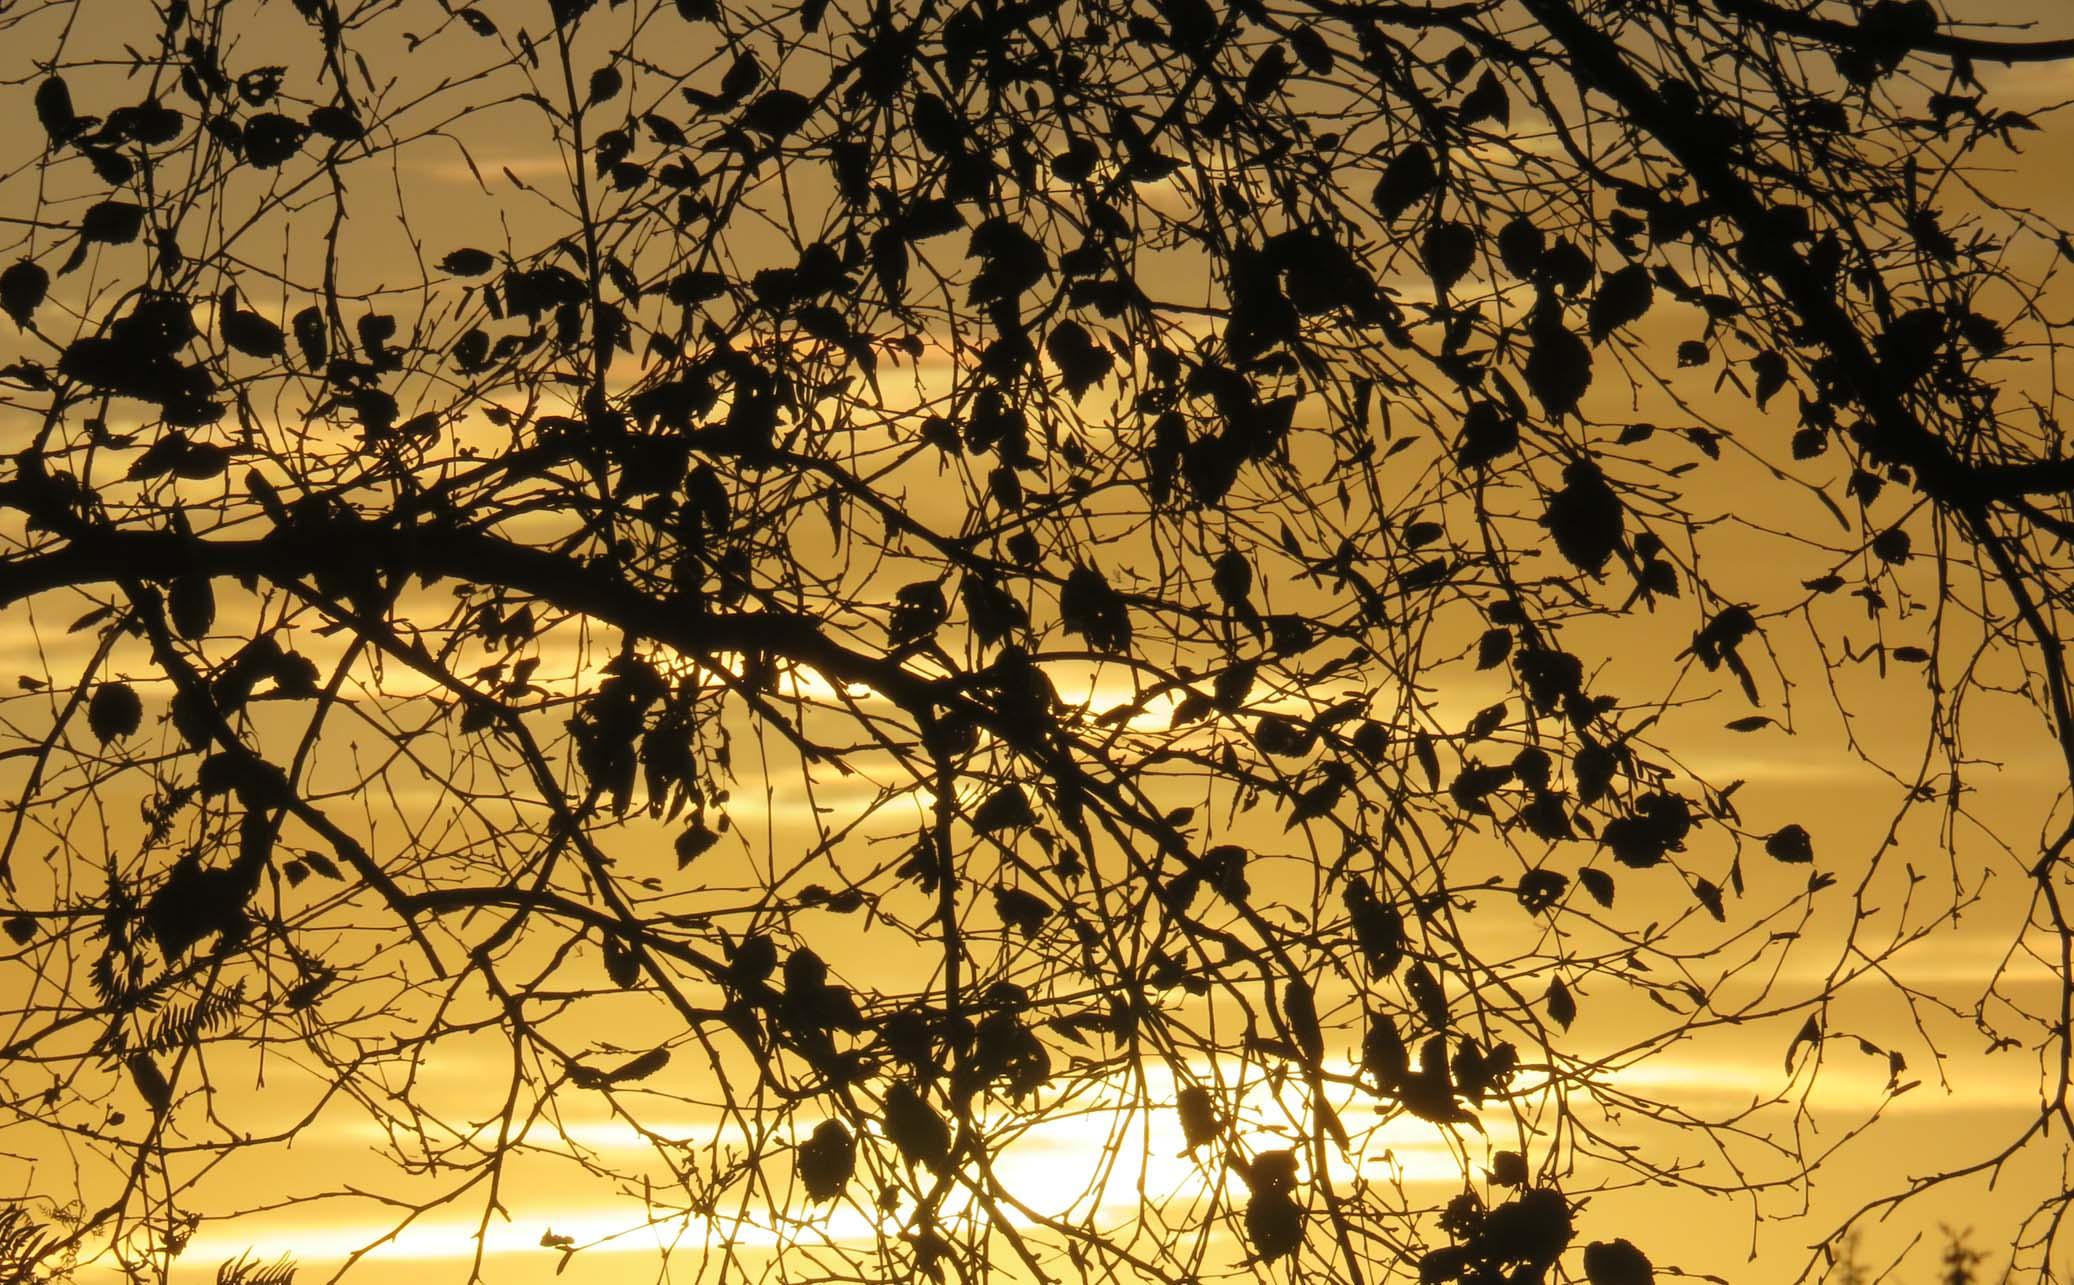 colloque nov 2016 et automne 059pm.jpg